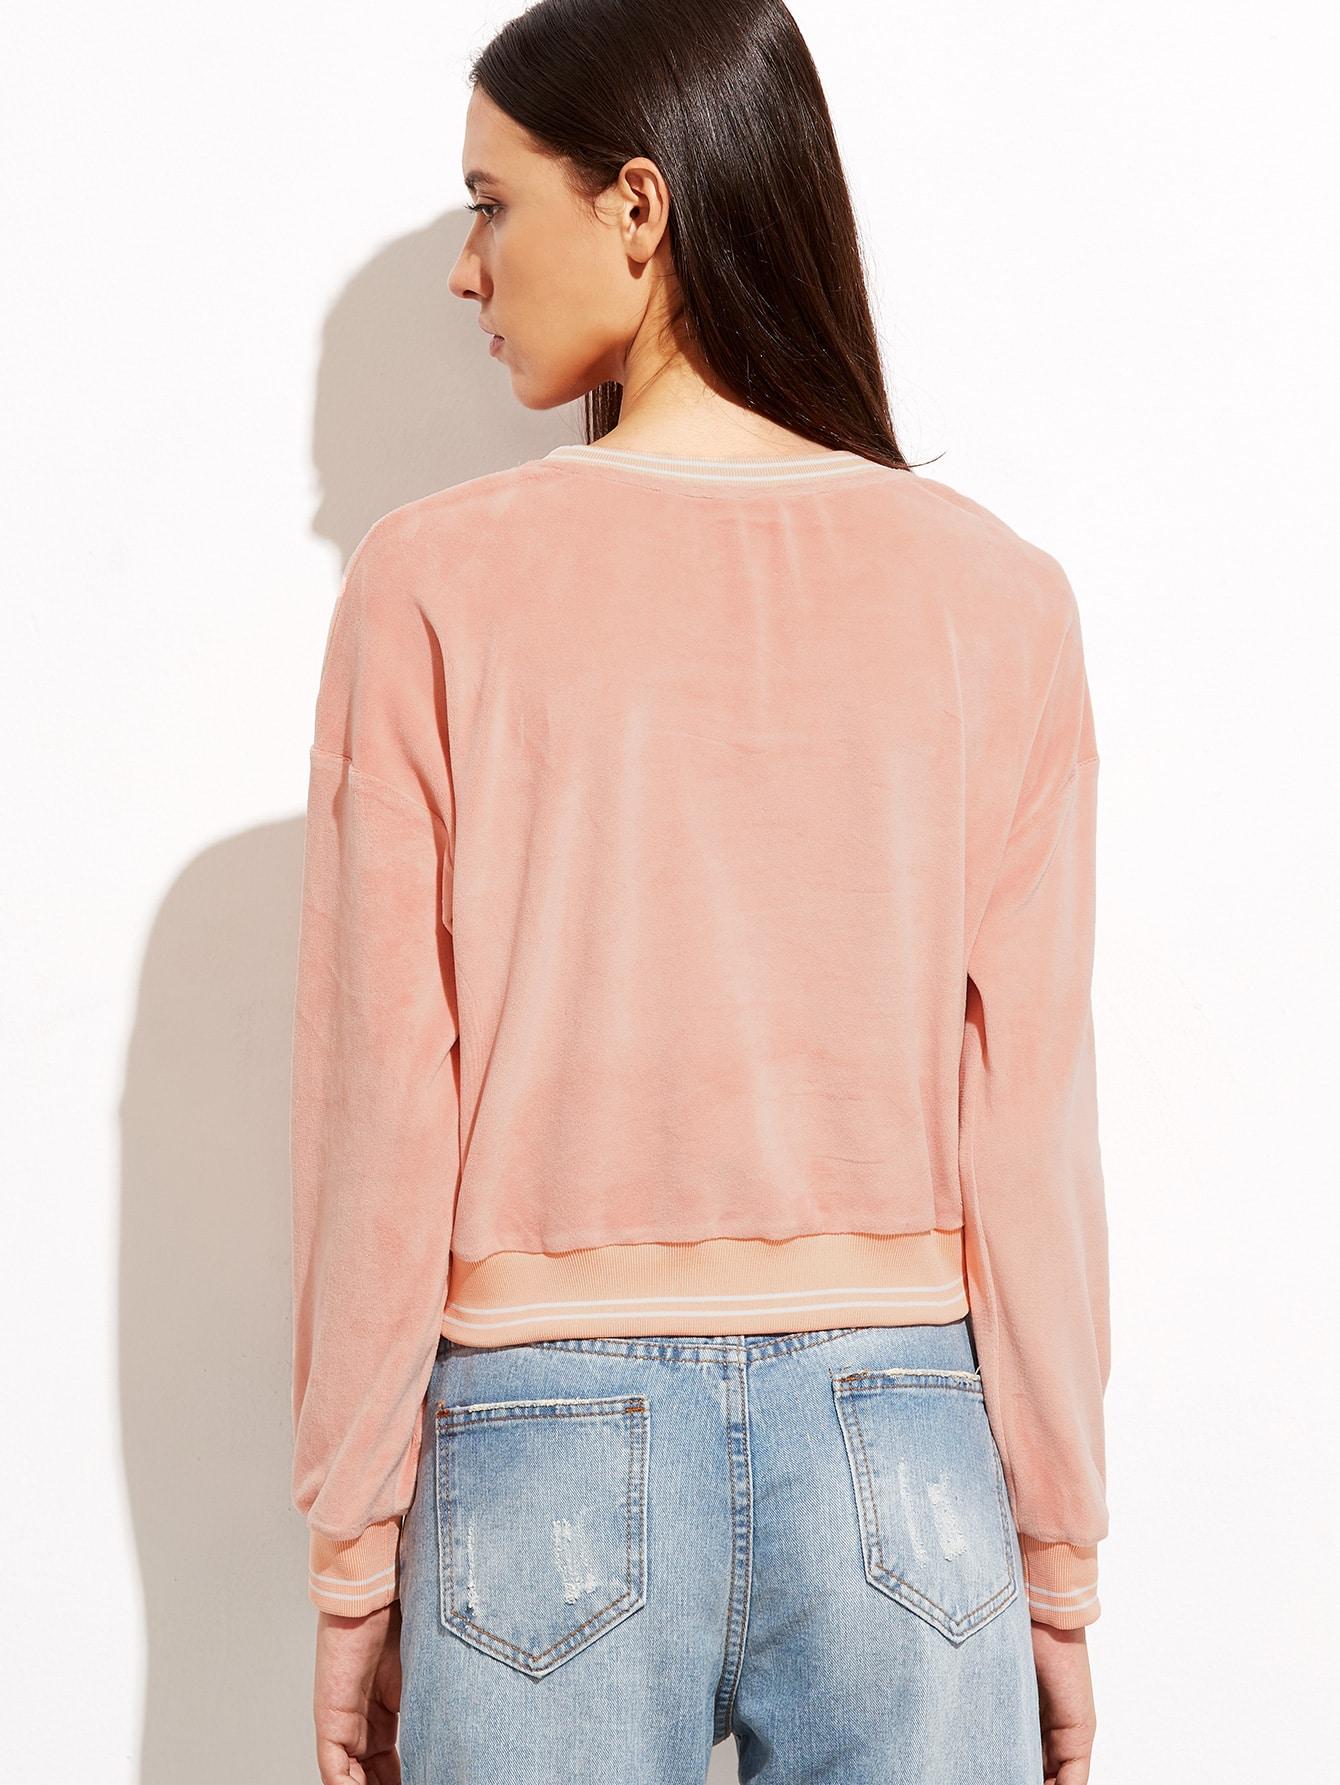 sweatshirt161006705_2